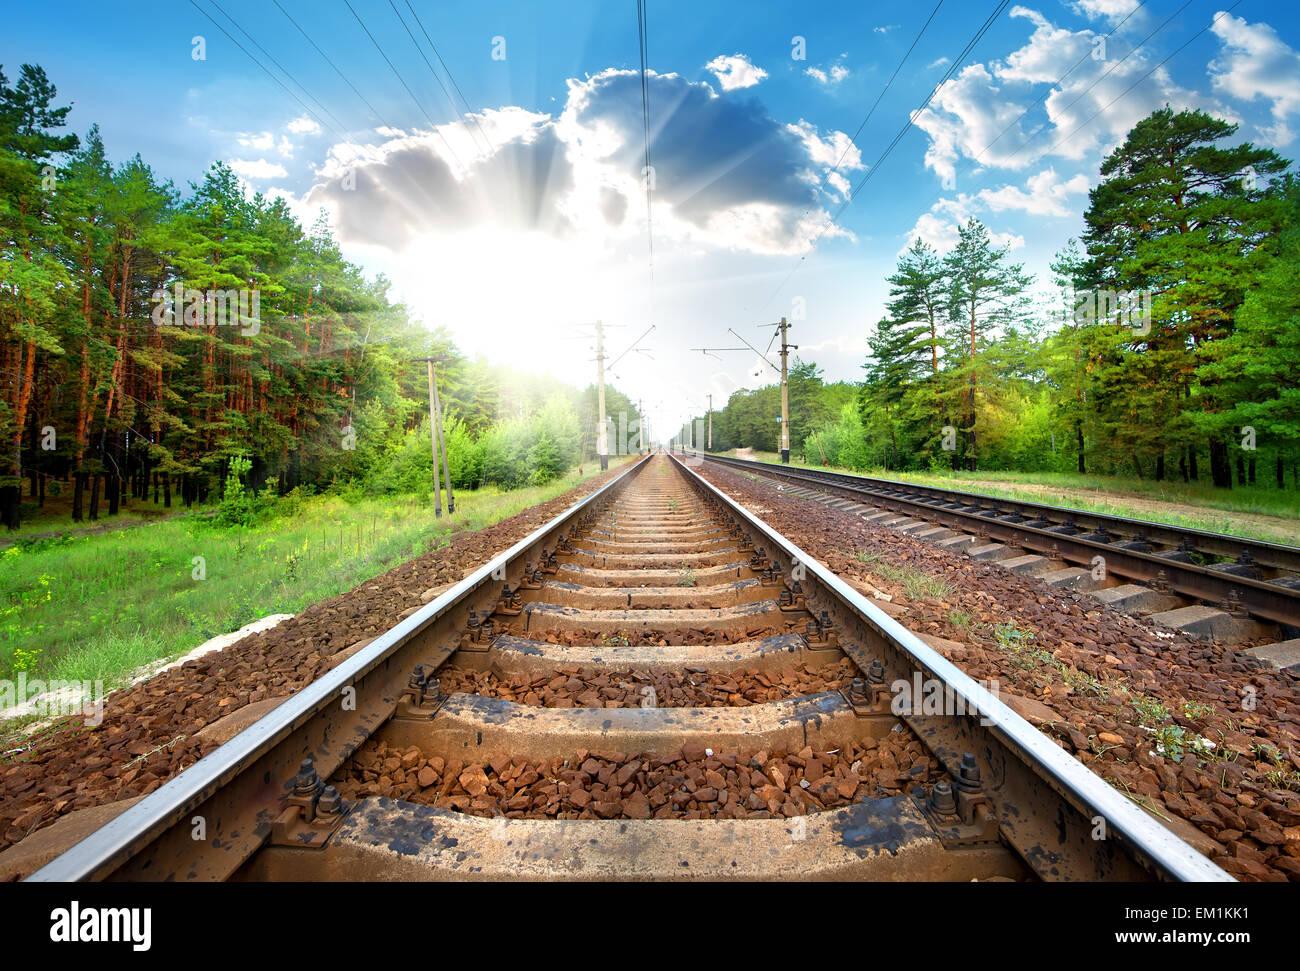 Eisenbahn durch die grünen Pinien Wald Nahaufnahme Stockbild